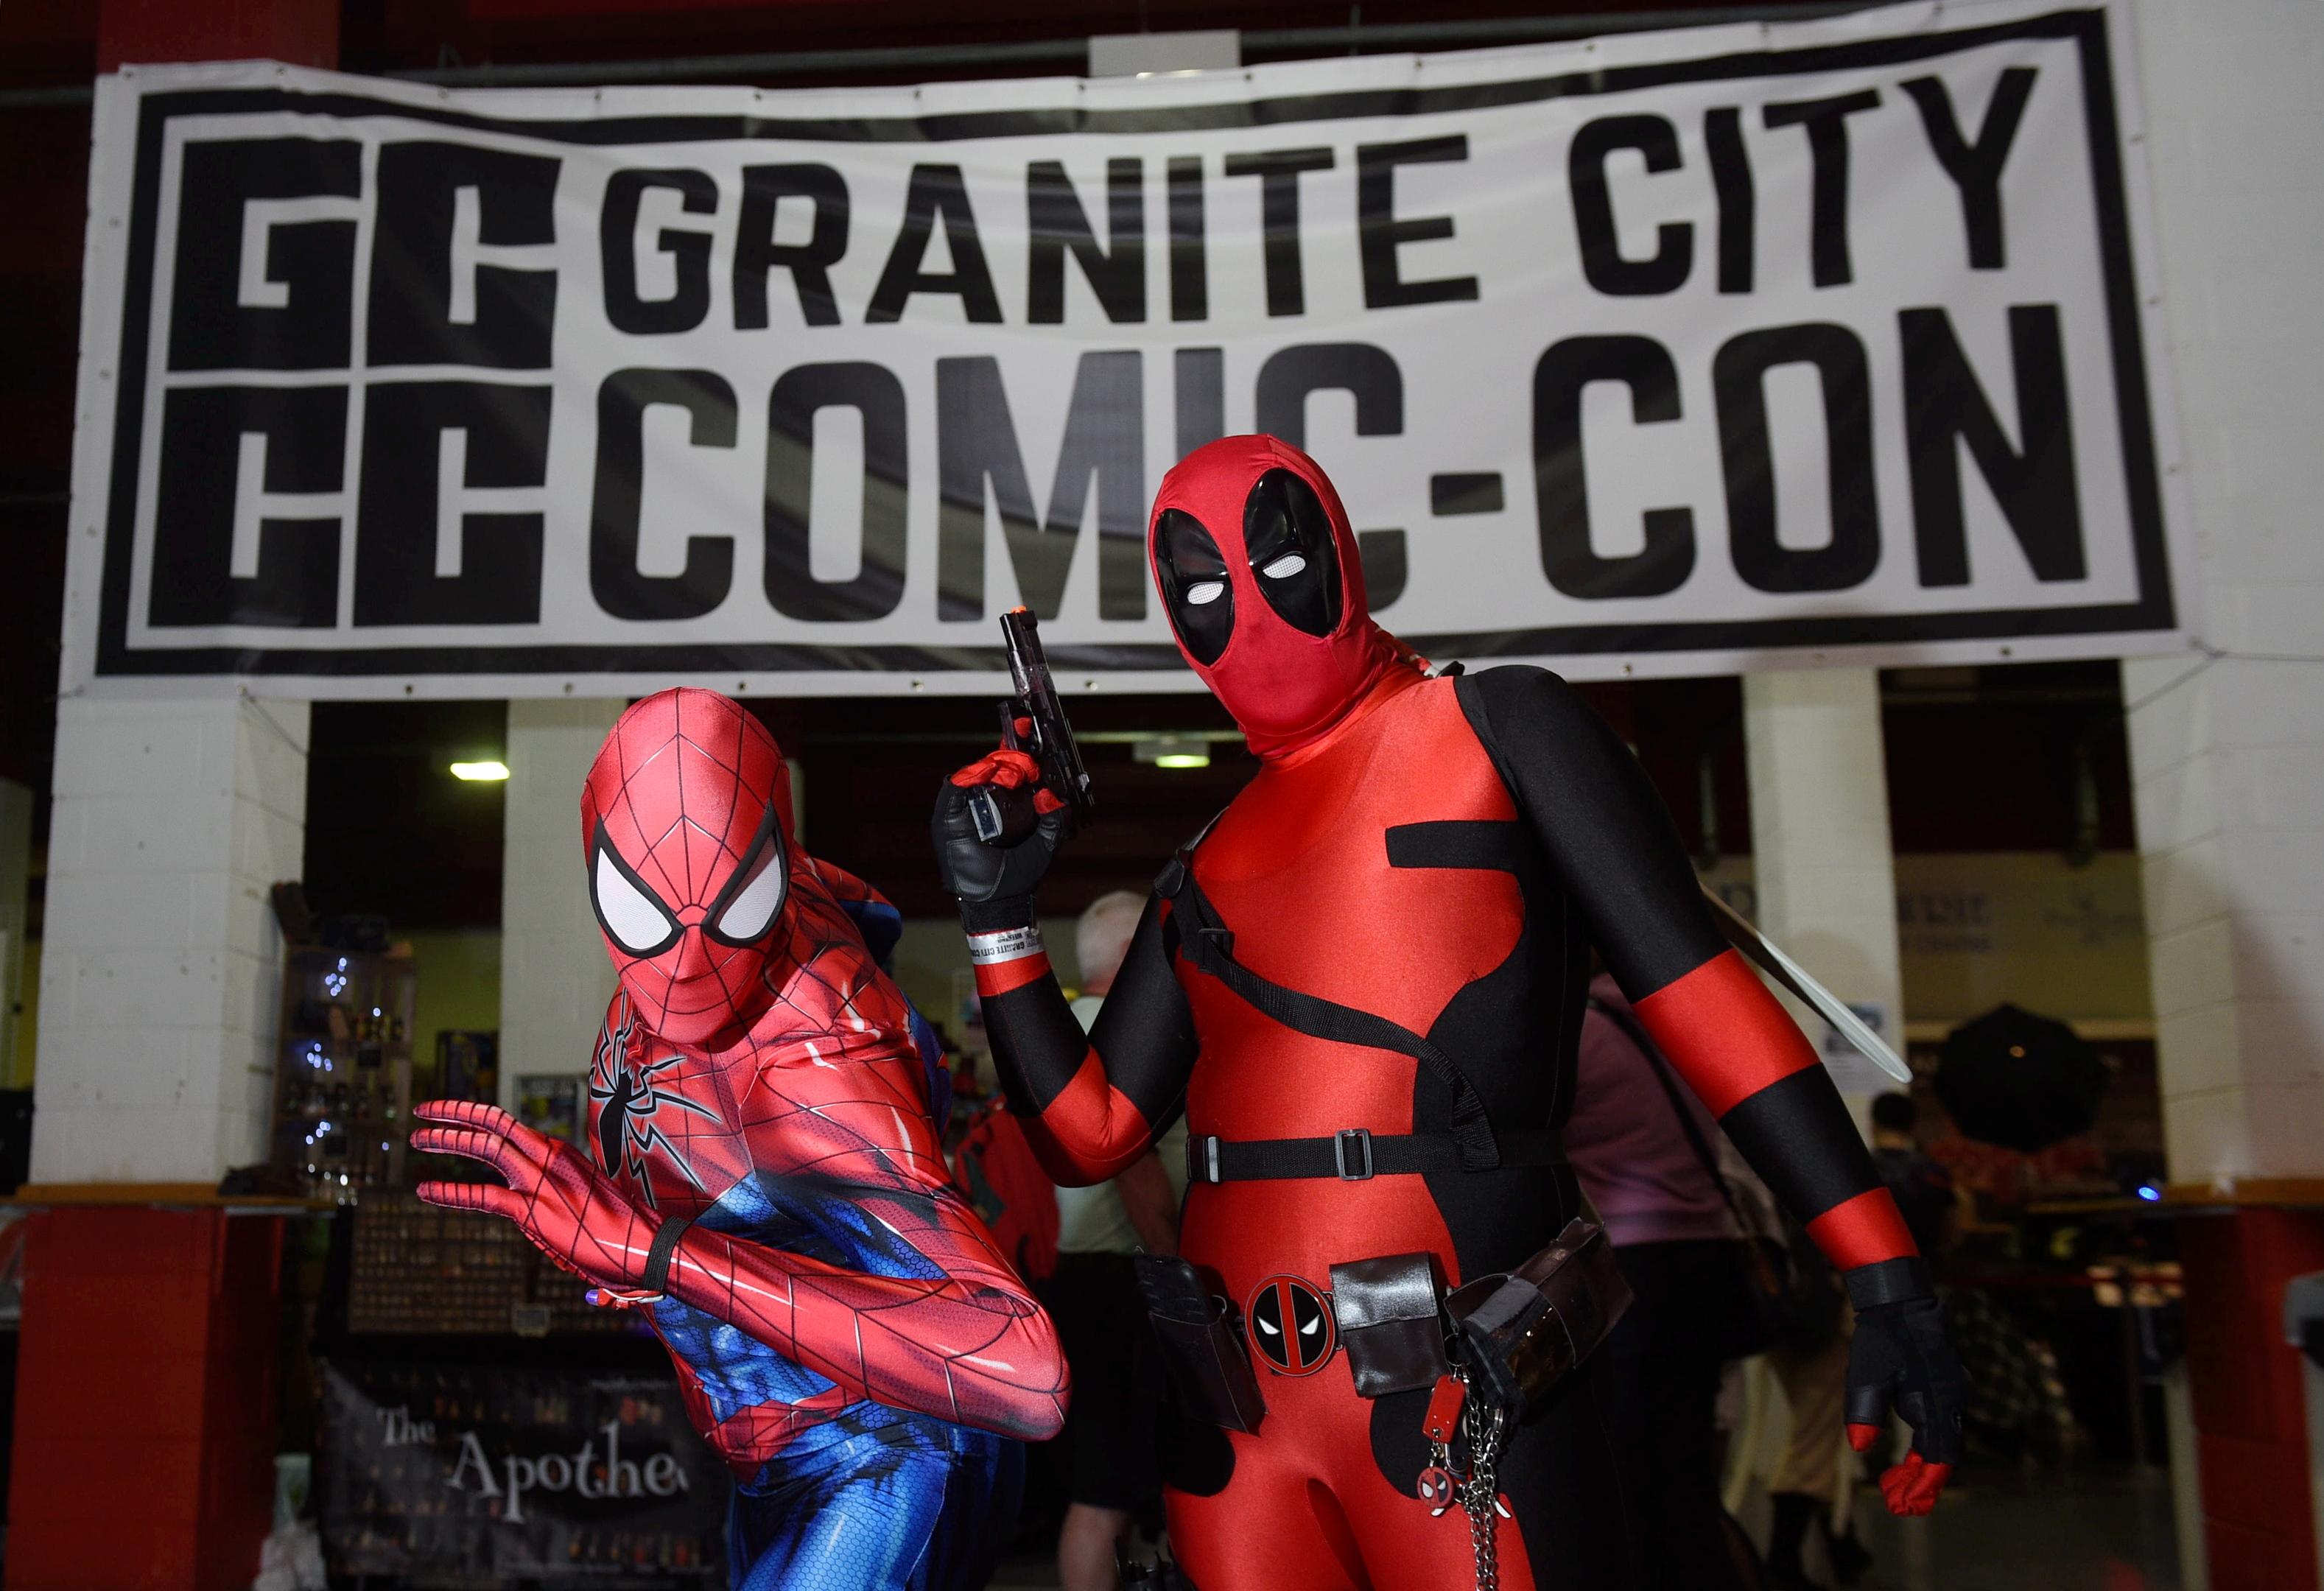 Granite City Comic Con